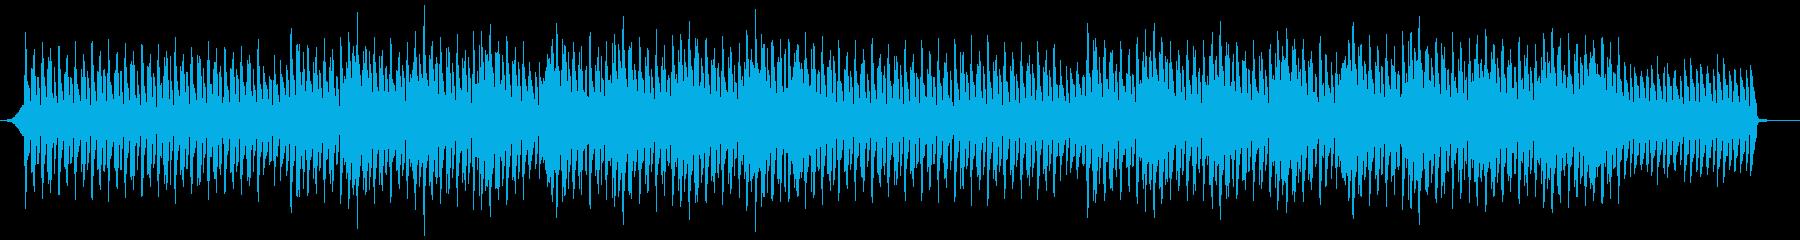 報道ニュース系の四つ打ちテクノの再生済みの波形